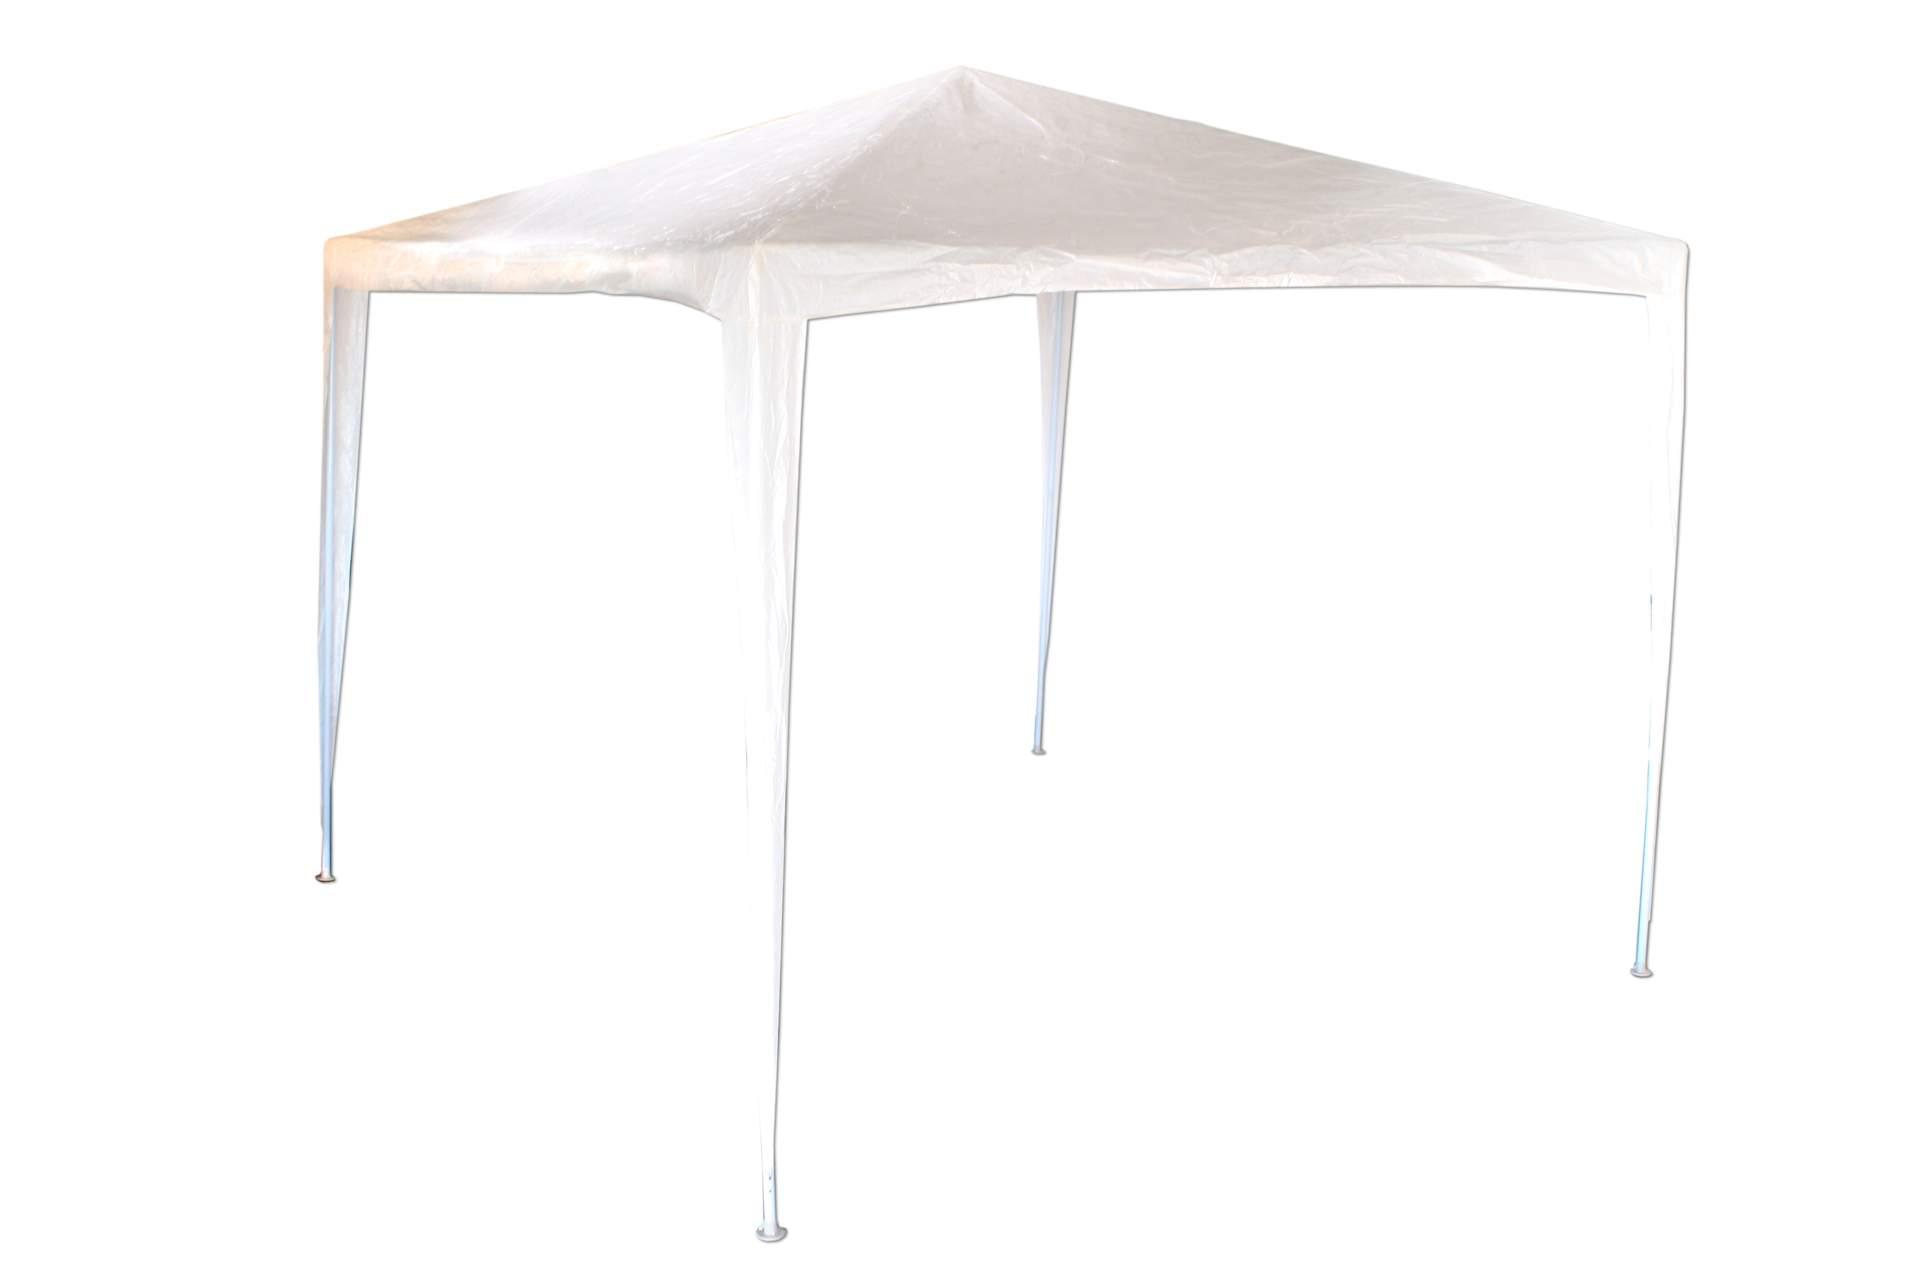 pavillon kynast 3 x 3 meter weiss stahl gest nge pe plane pavillion party zelt ebay. Black Bedroom Furniture Sets. Home Design Ideas